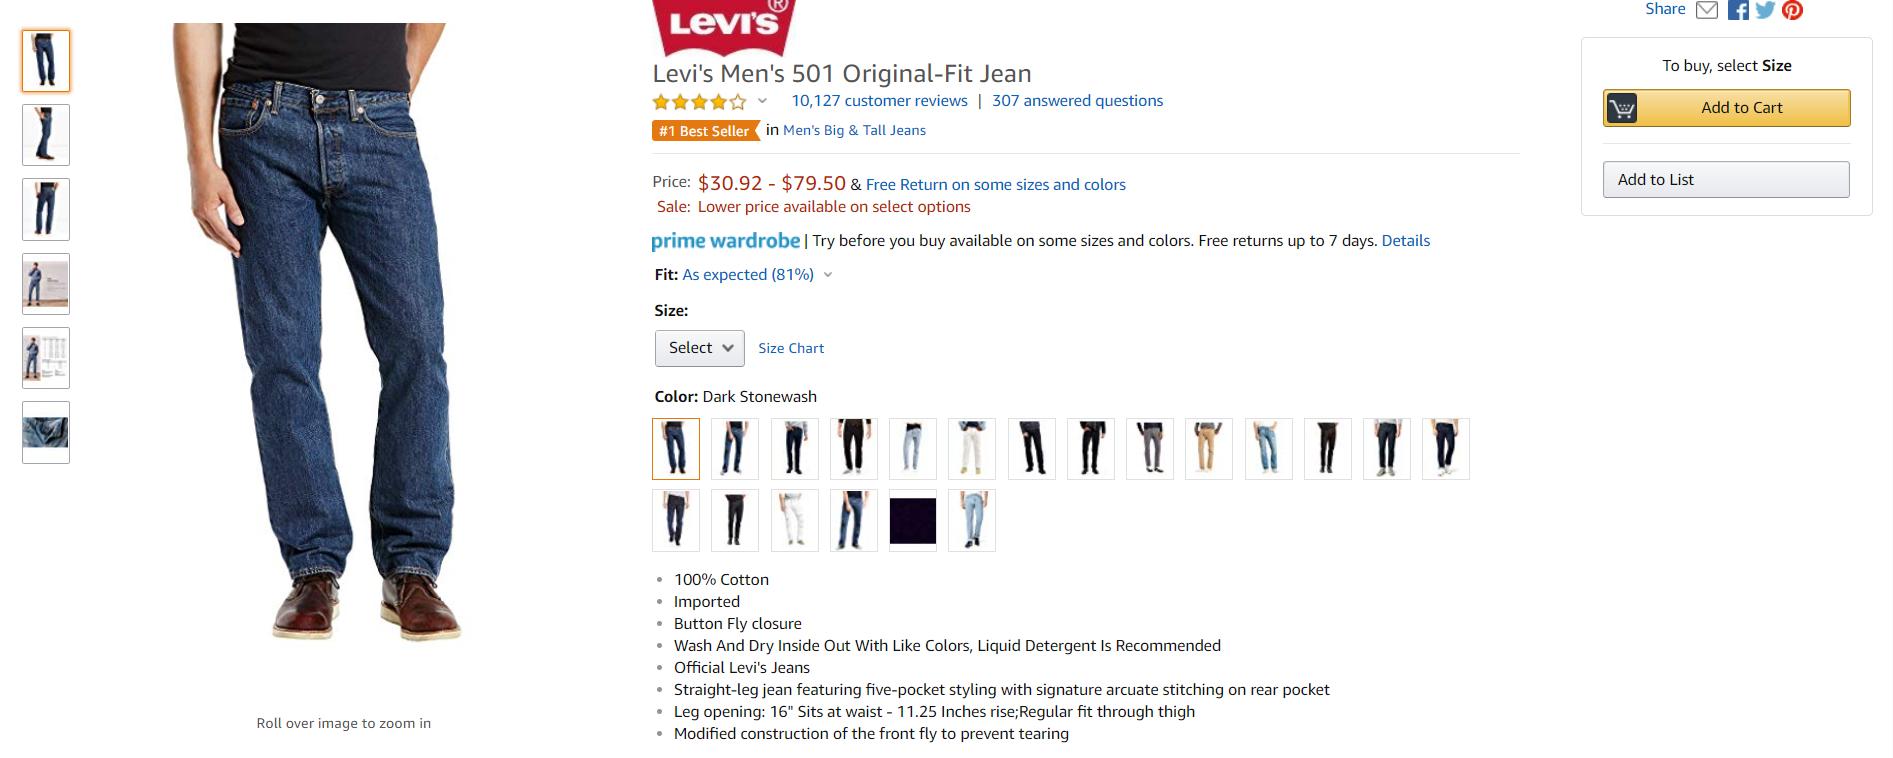 Levi's Men's Amazon fashion content